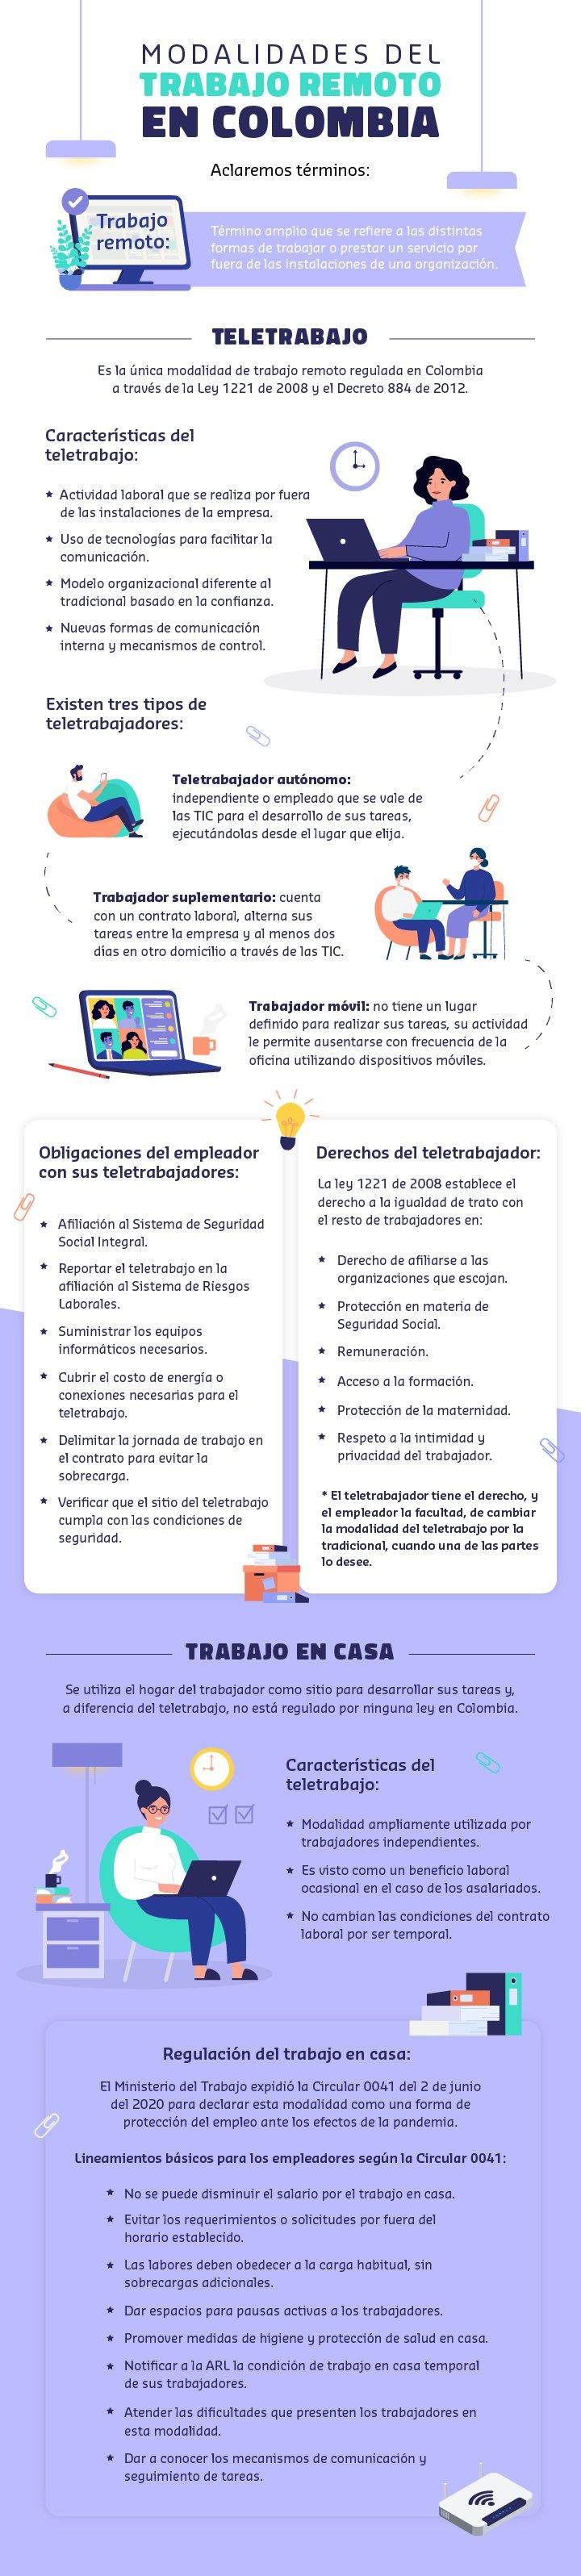 infografia-diferencias-entre-teletrabajo-trabajo-en-casa